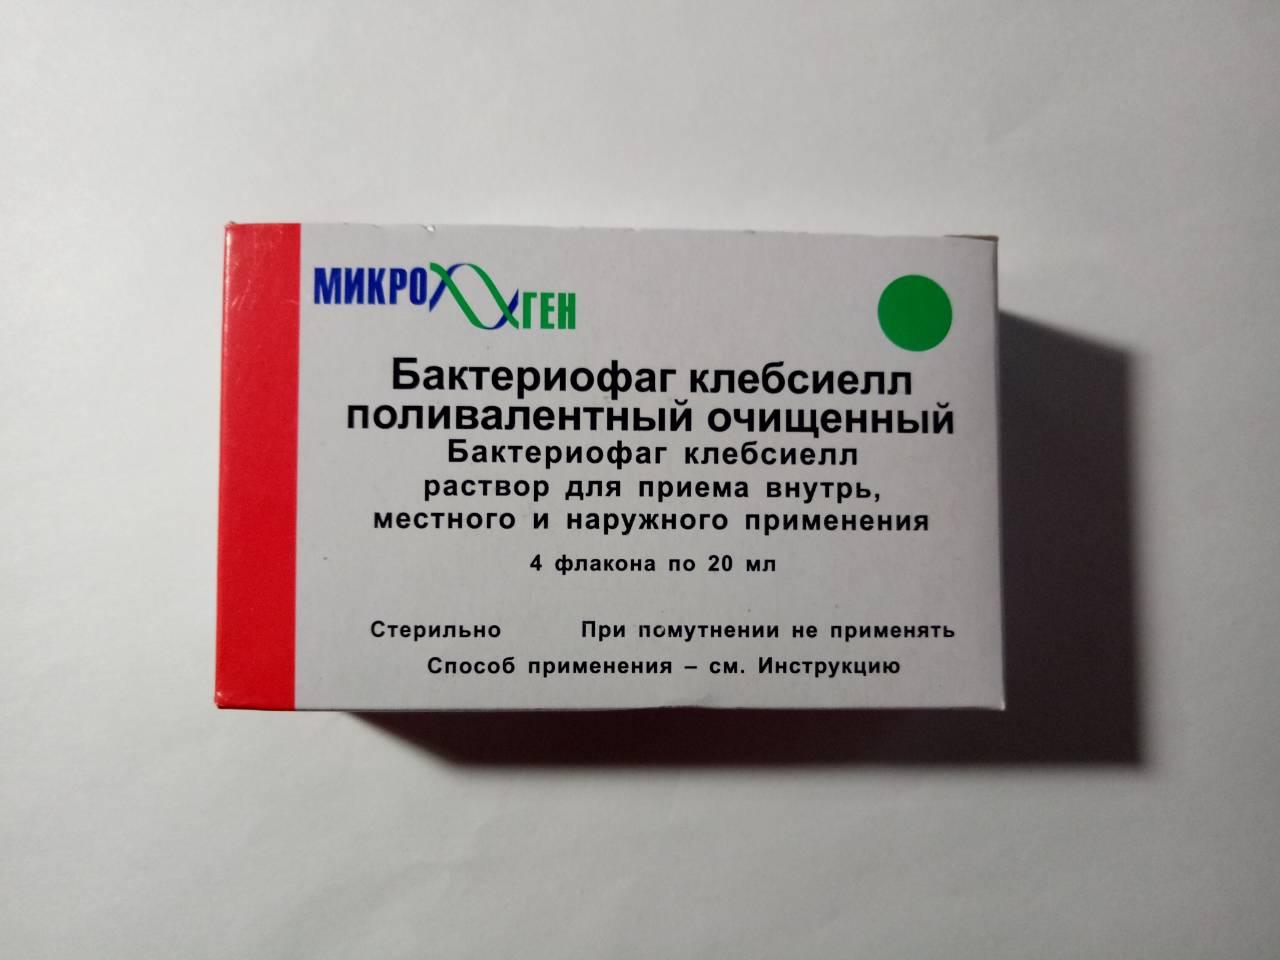 Бактериофаг клебсиеллезный поливалентный